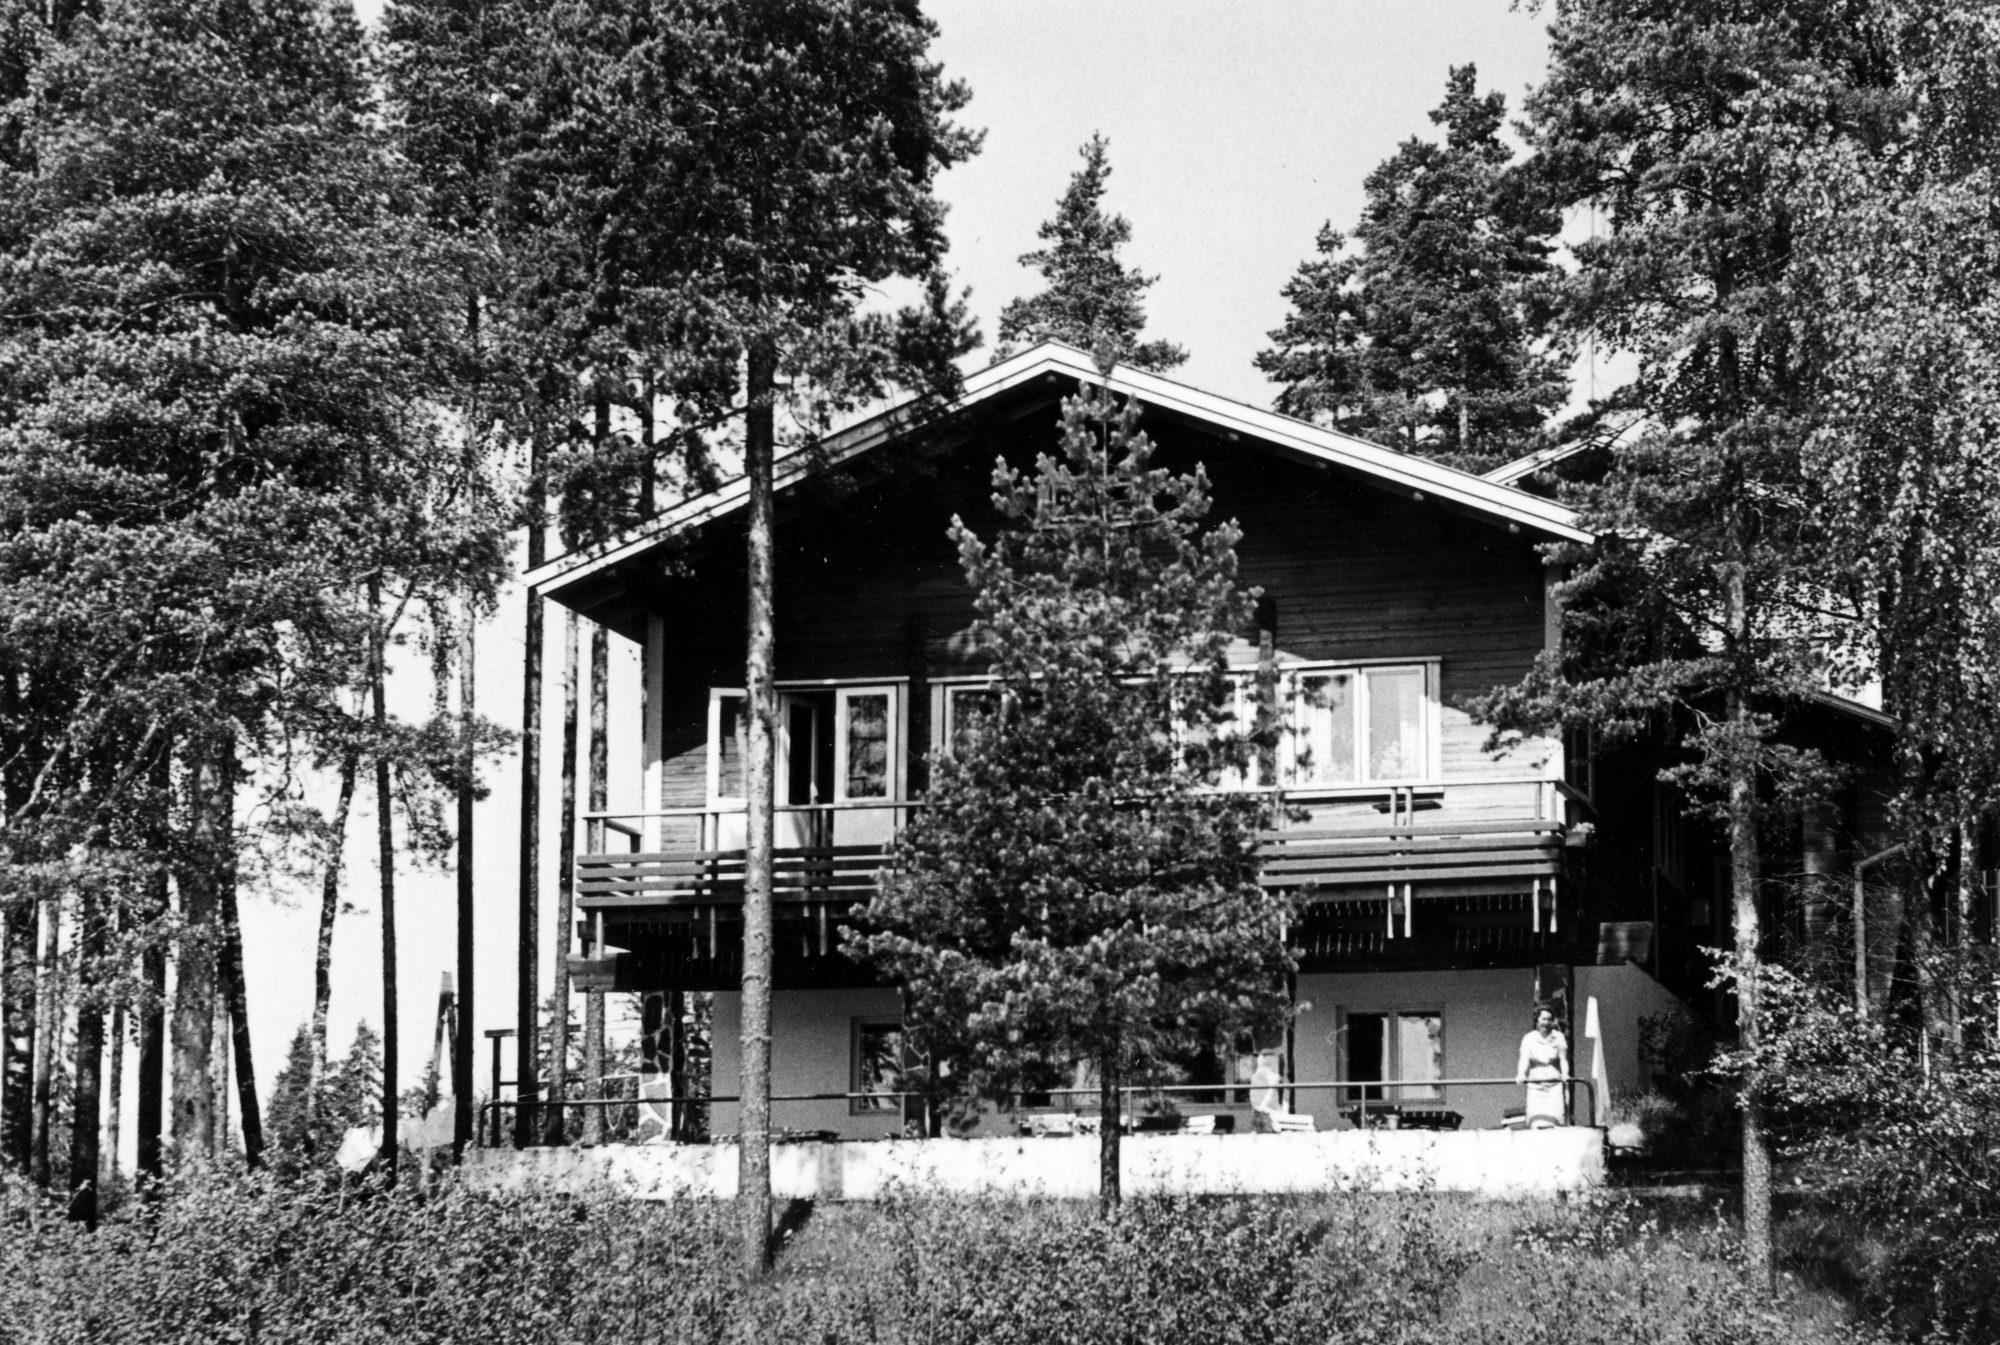 Eerikkilä, opistorakennus järveltä päin, 1950-1960-luku